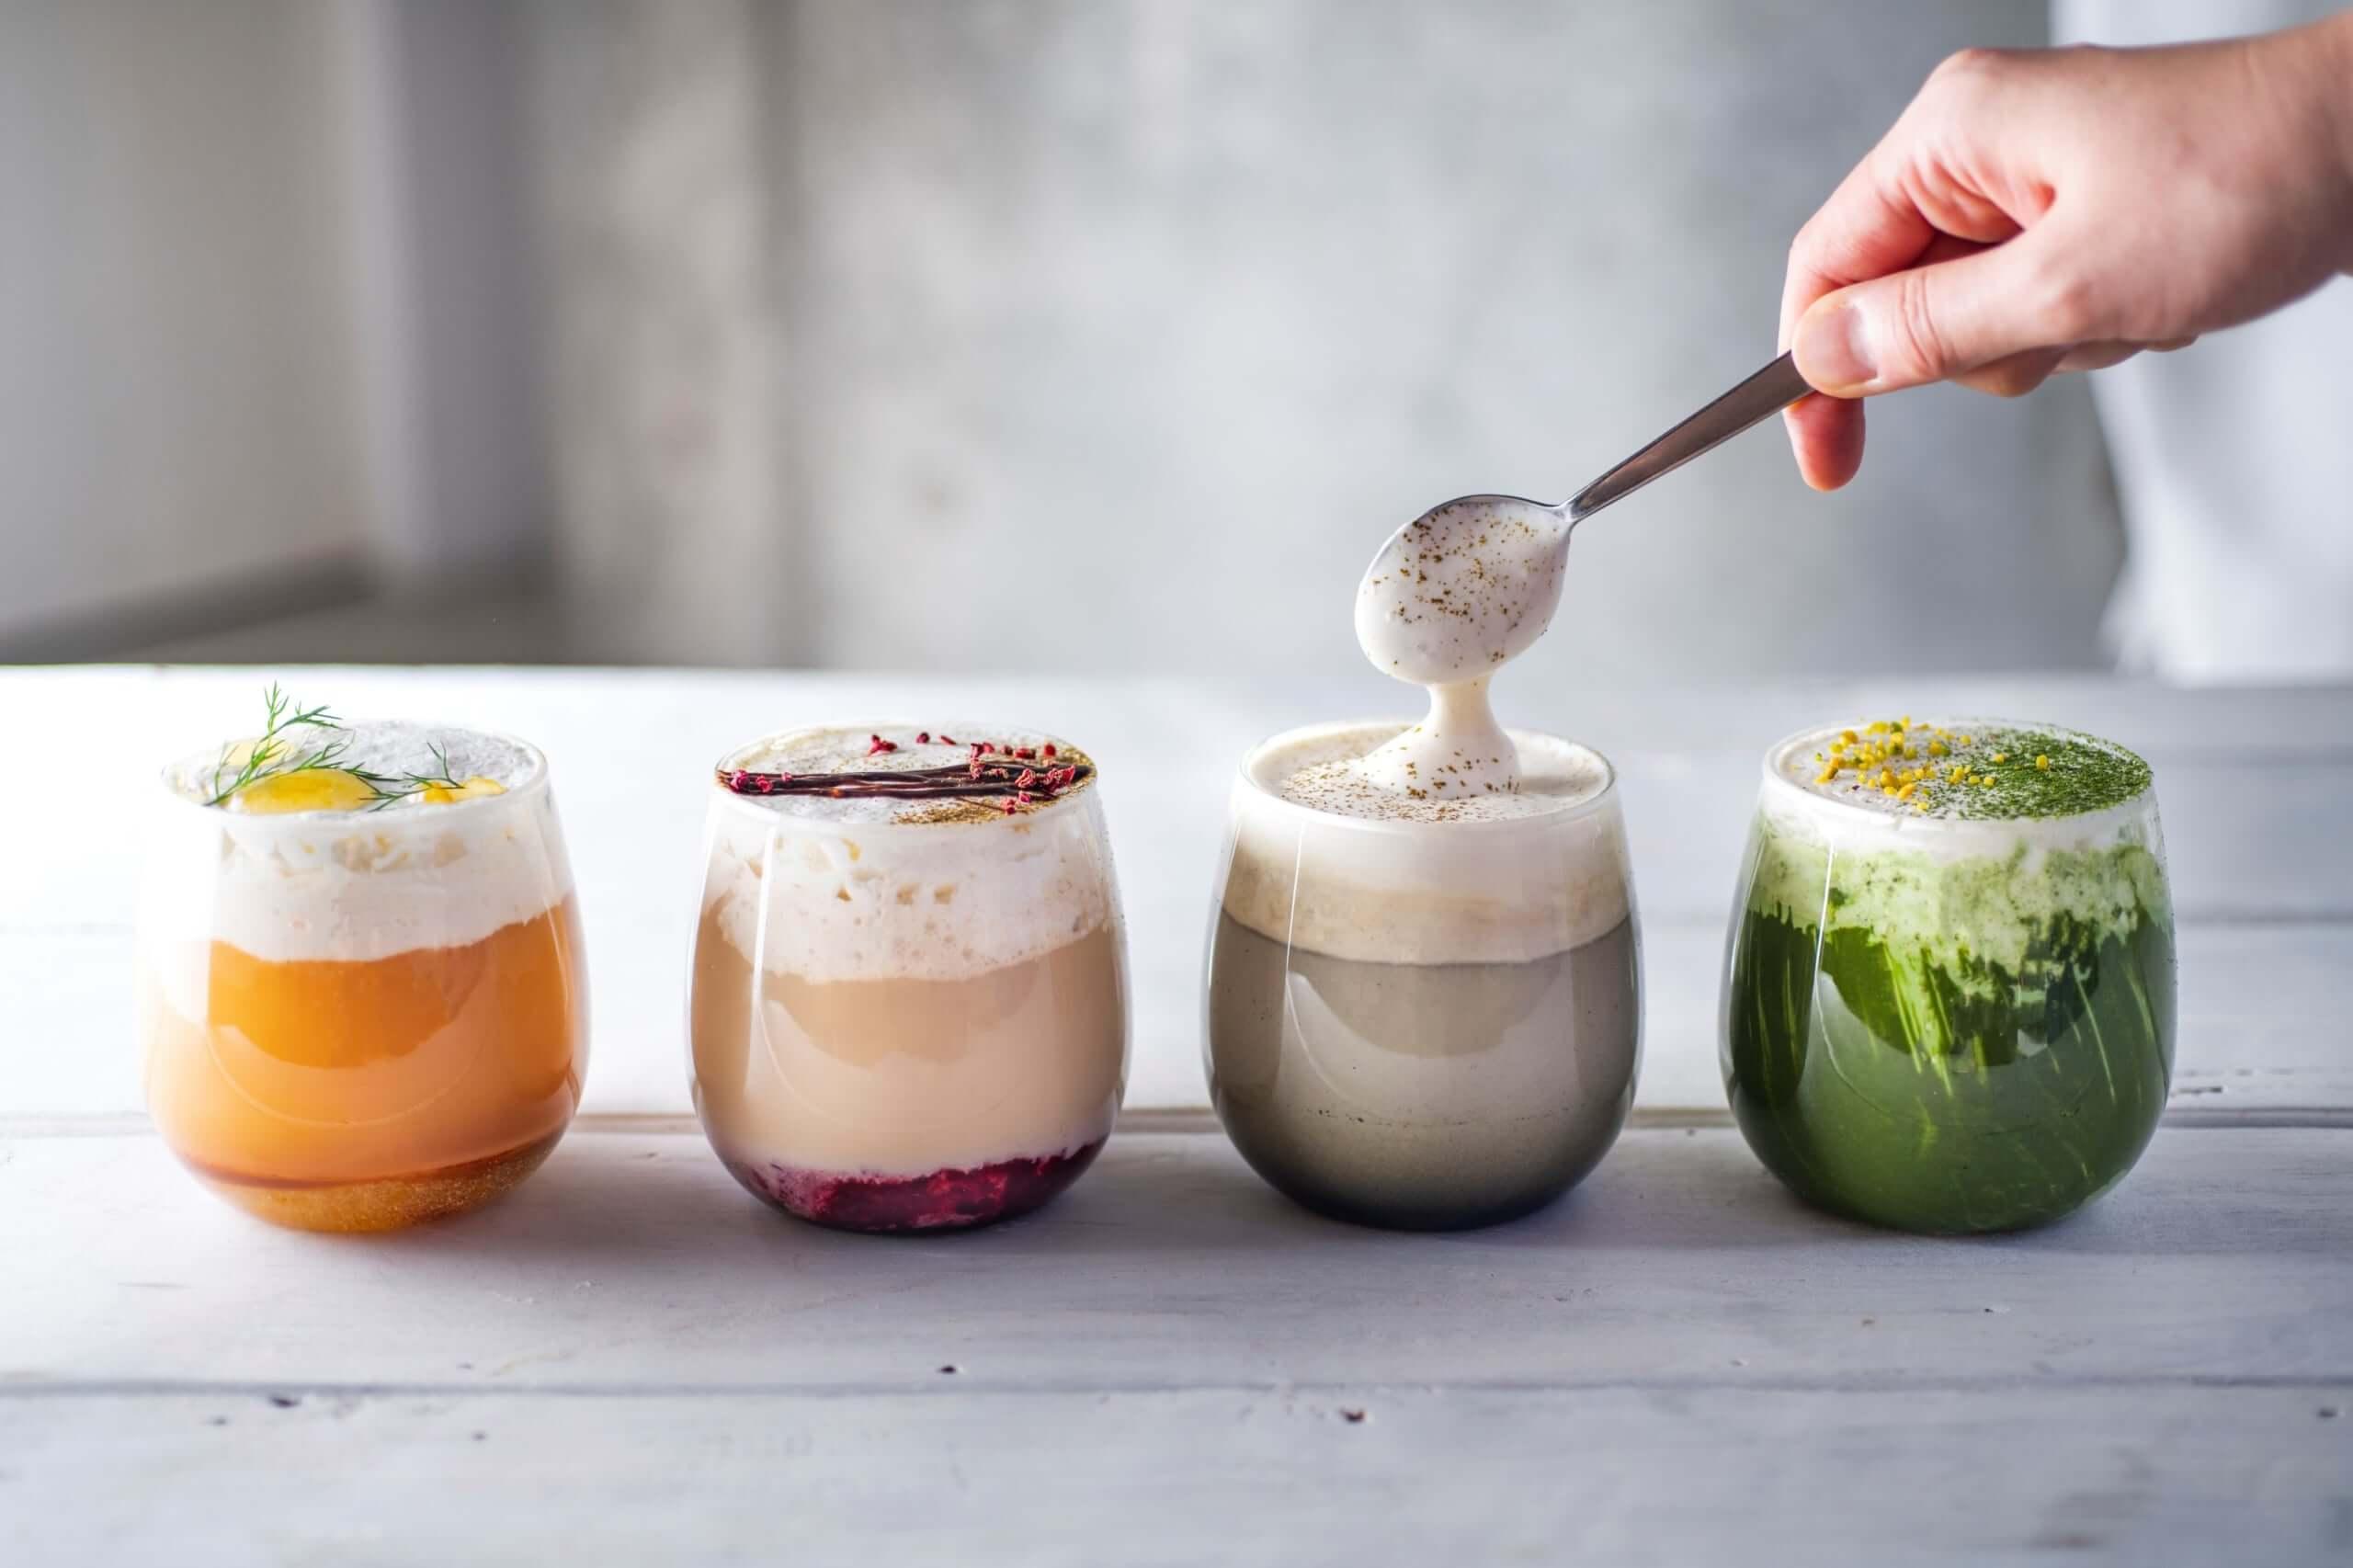 CHAVATY(チャバティ)のホワイトメルトティー(左からほうじ茶セサミチーズ、ほうじ茶チョコレートベリー、ウバキャラメルオレンジ、抹茶ピスタチオ)